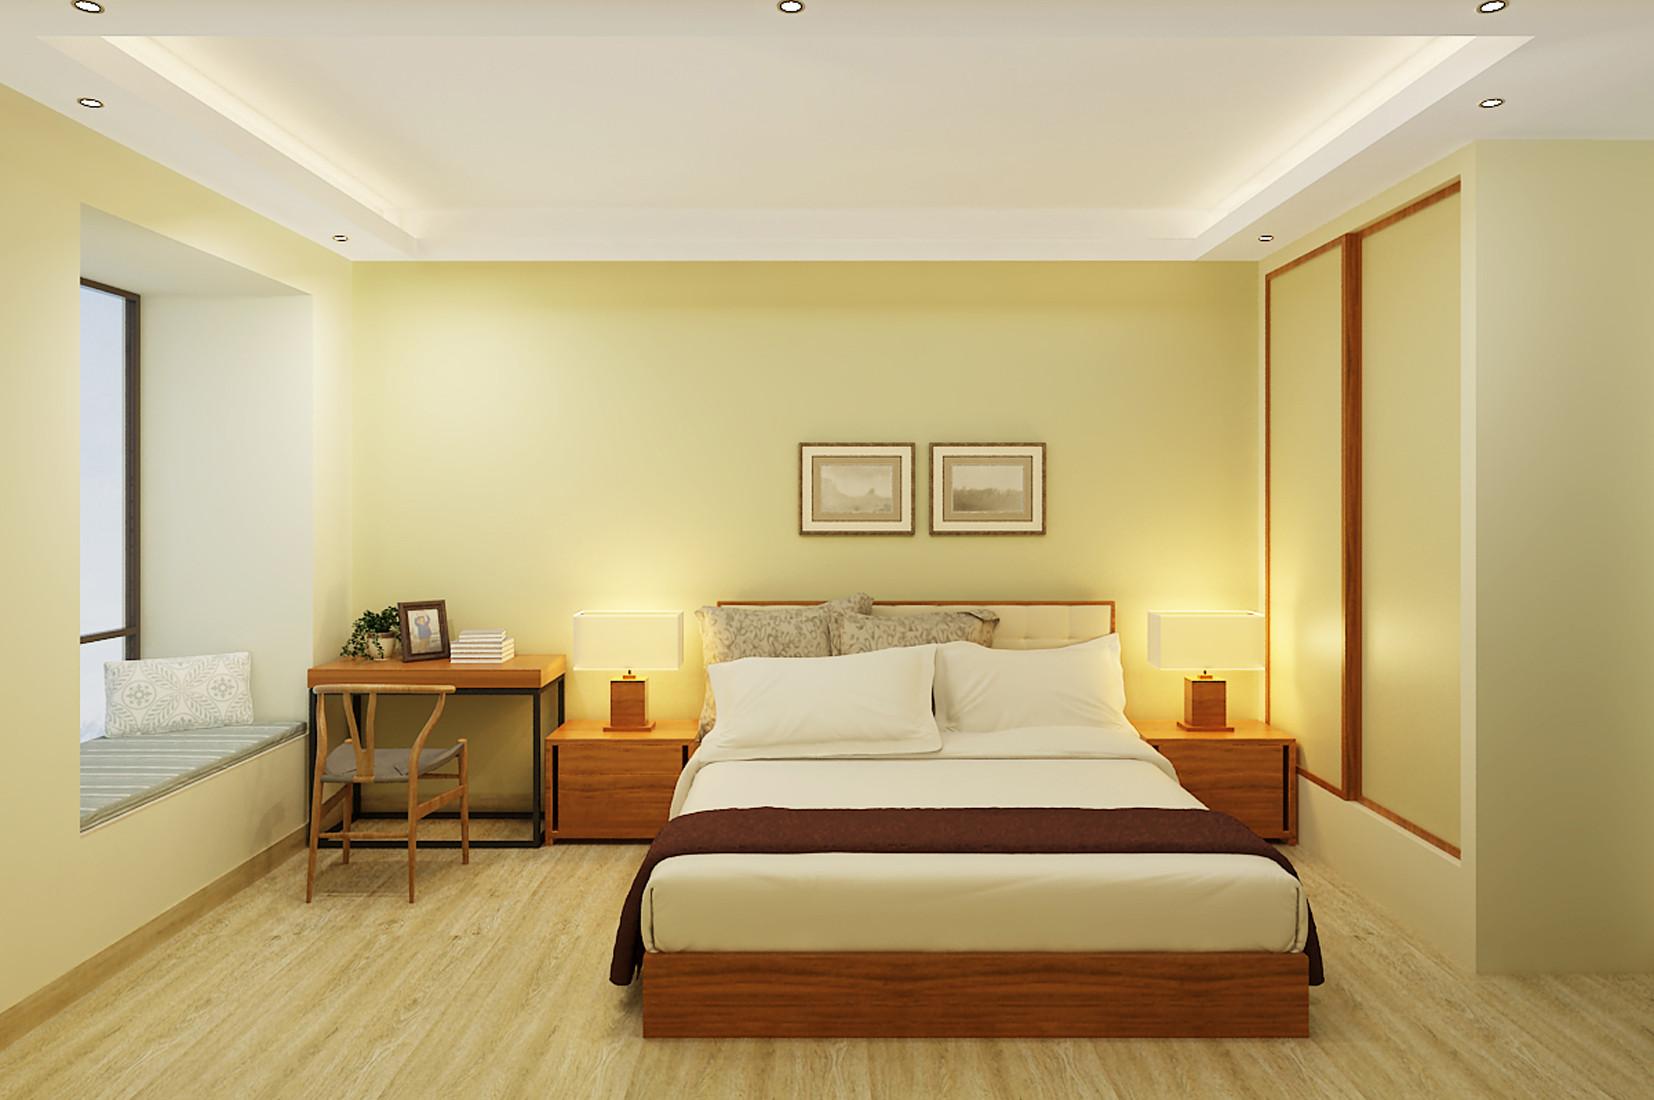 简约中式装修卧室效果图